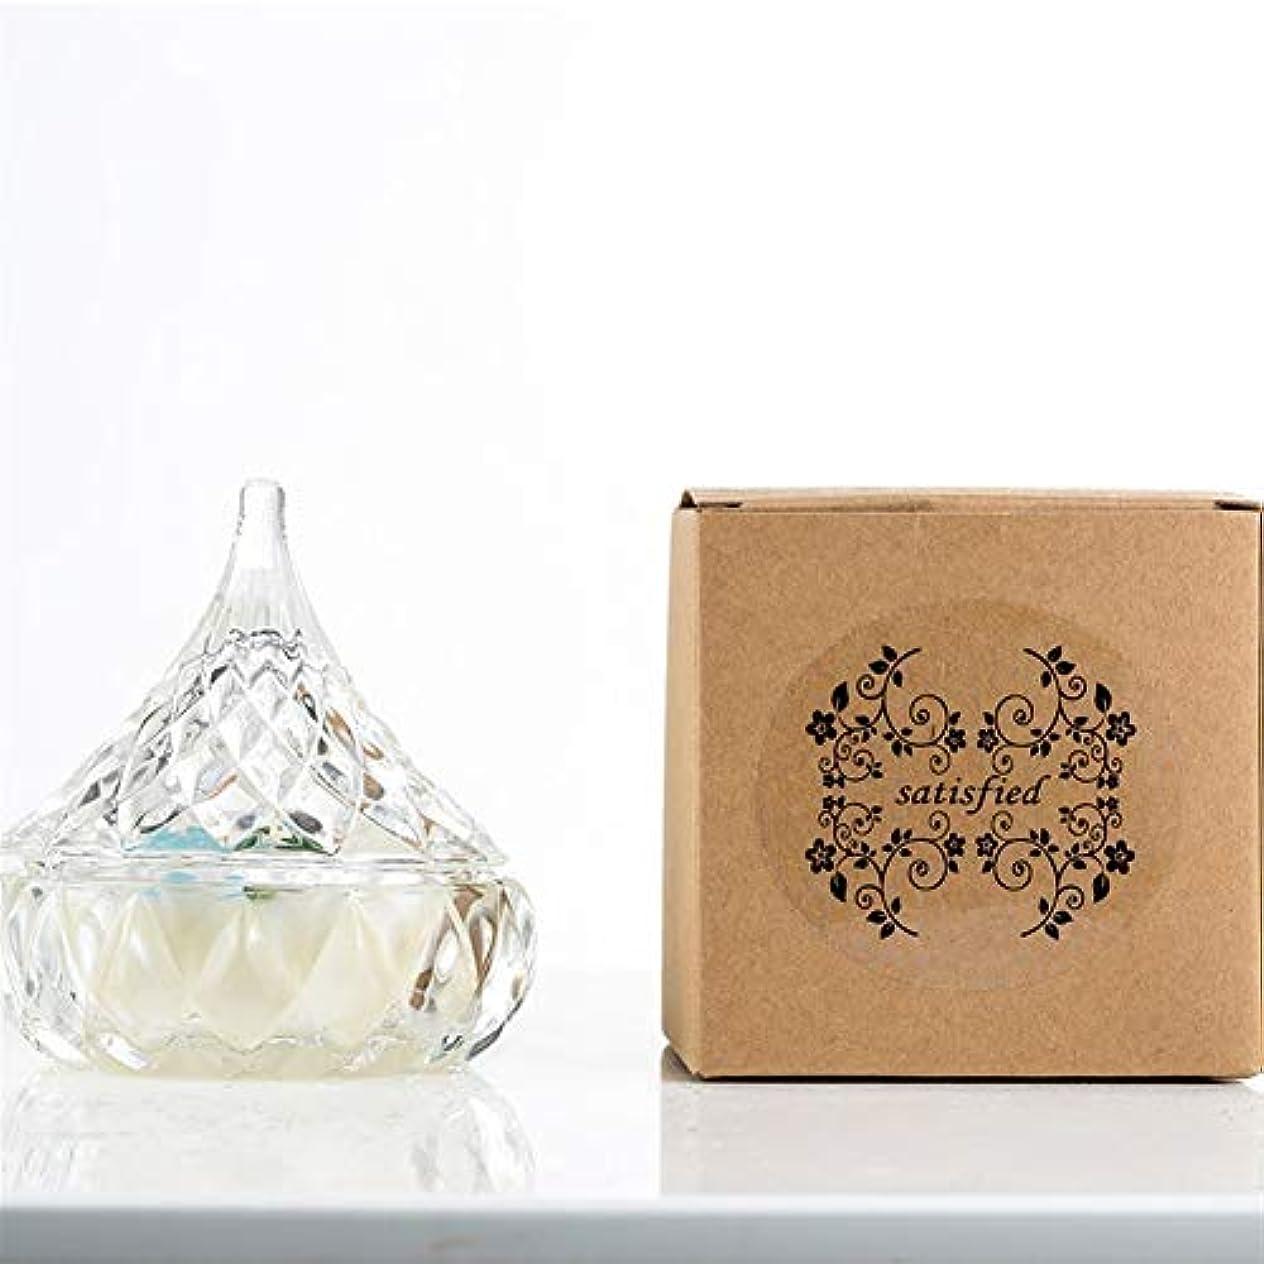 こどもの日飲料パノラマGuomao シンプルパオアロマセラピーエッセンシャルオイルラスティングフレグランス環境に優しい非毒性装飾用品キャンドル (色 : Lavender)